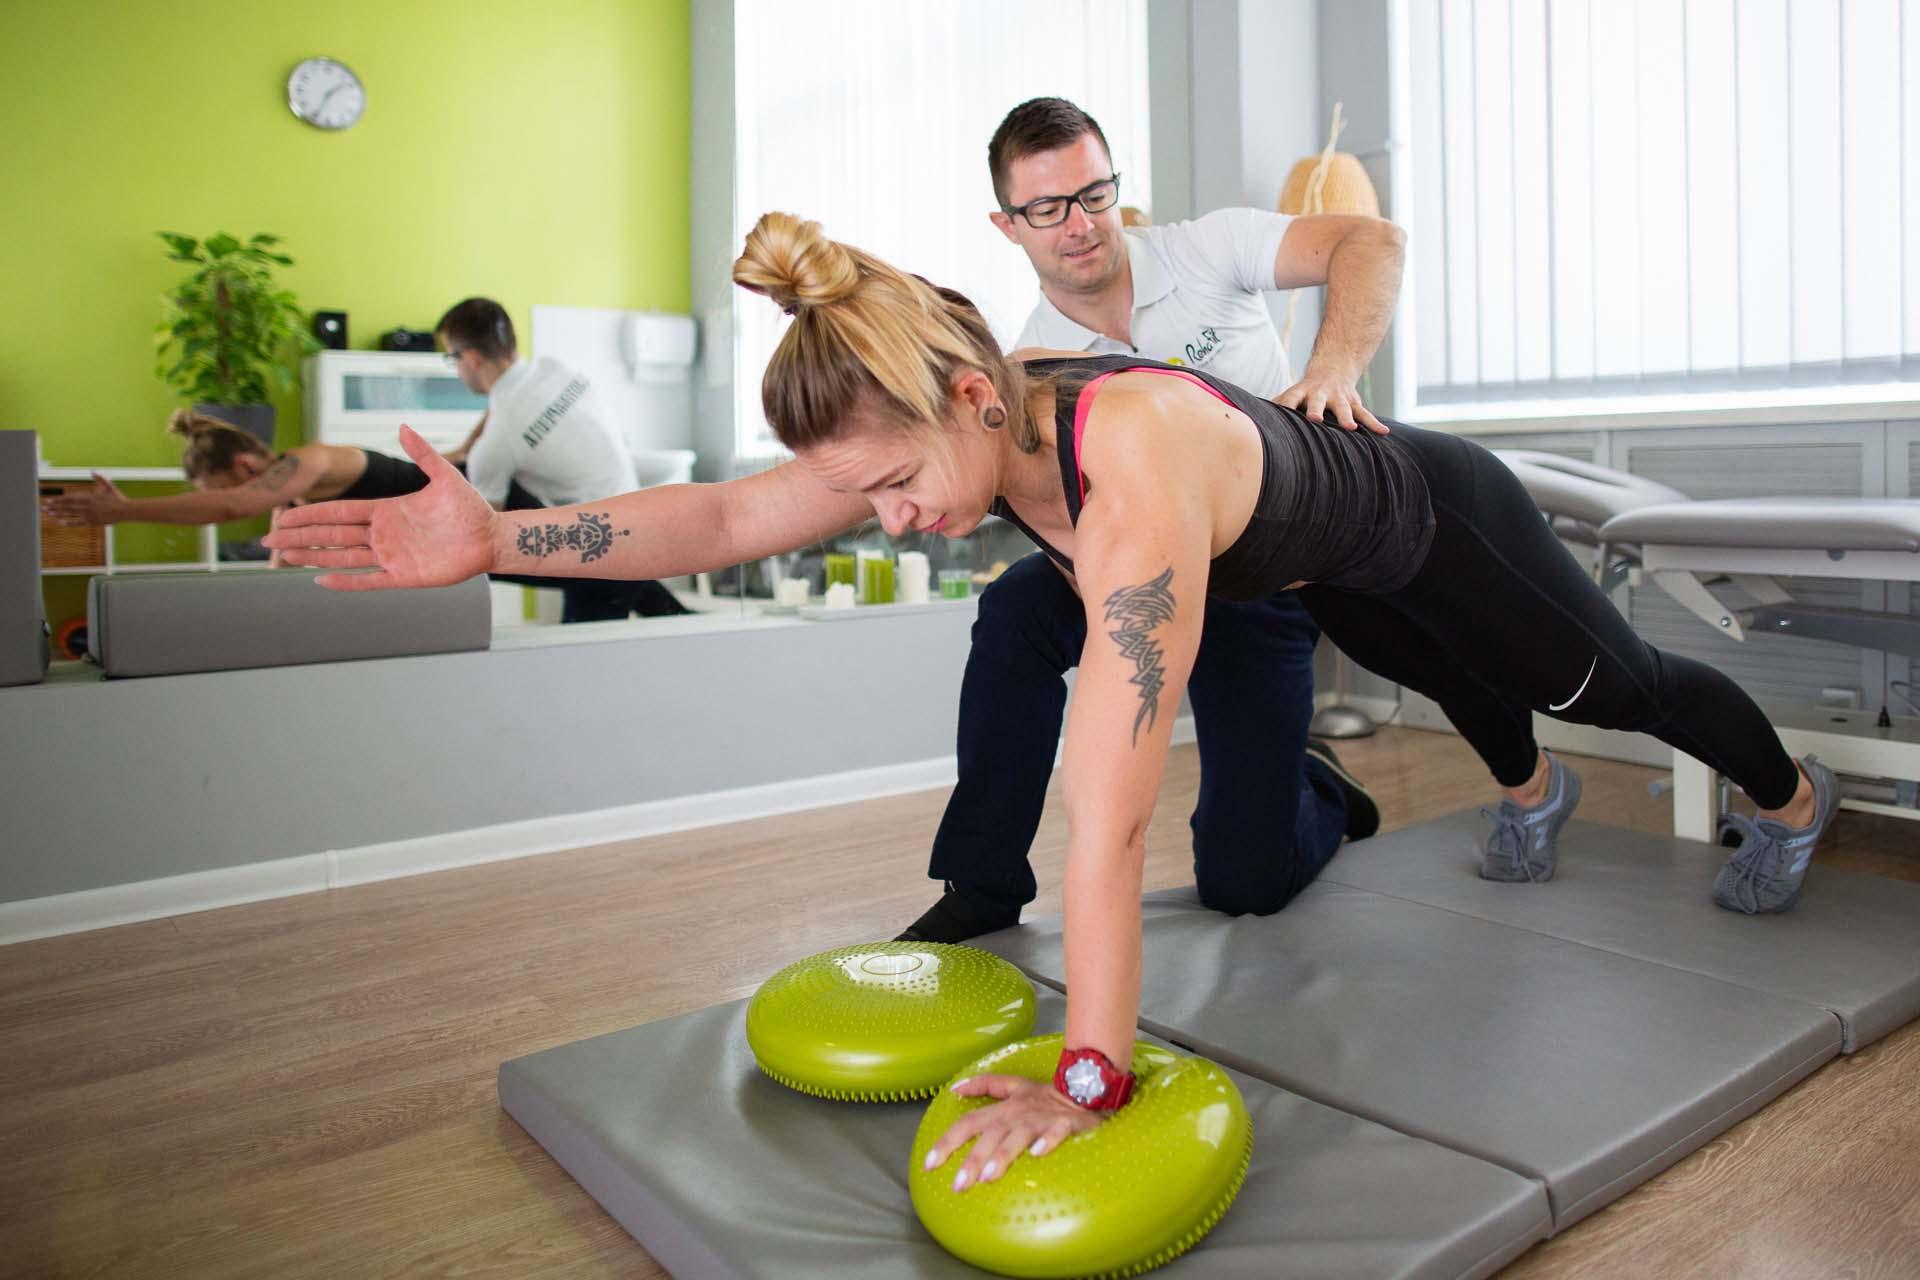 Fizjoterapeuta podczas indywidualne pracy z pacjentem mającej na celu poprawę stabilizacji oraz wzmocnienie mięśni tułowia.